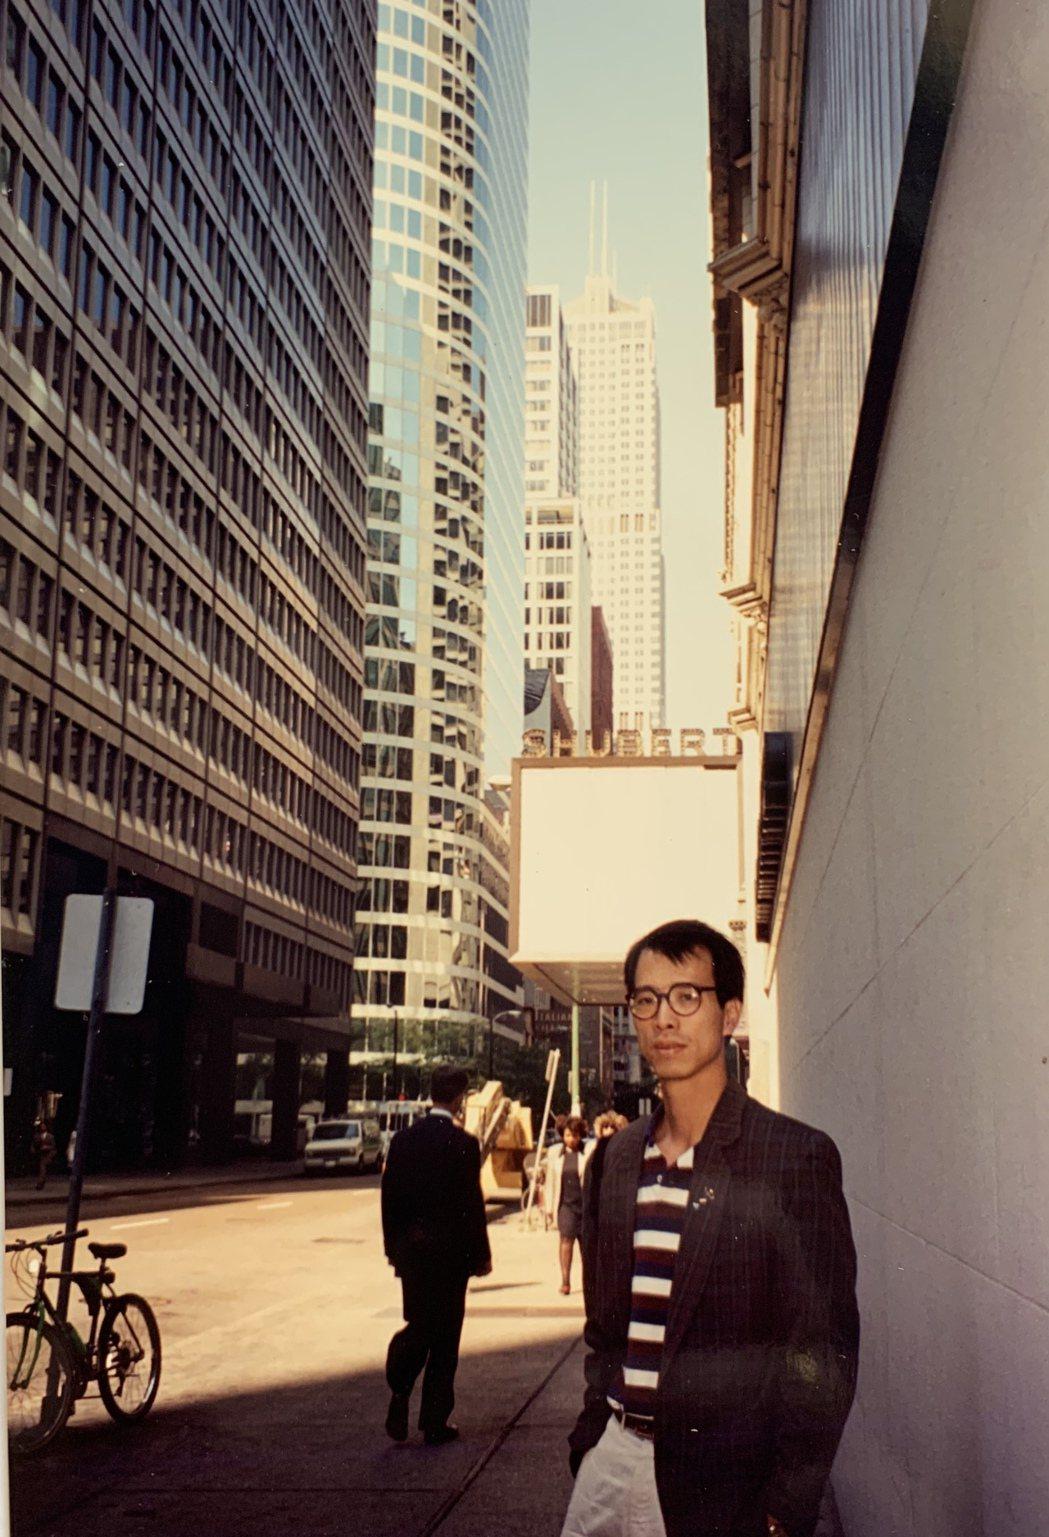 阮慶岳於芝加哥工作時期吸收不少文化養分。圖/阮慶岳提供